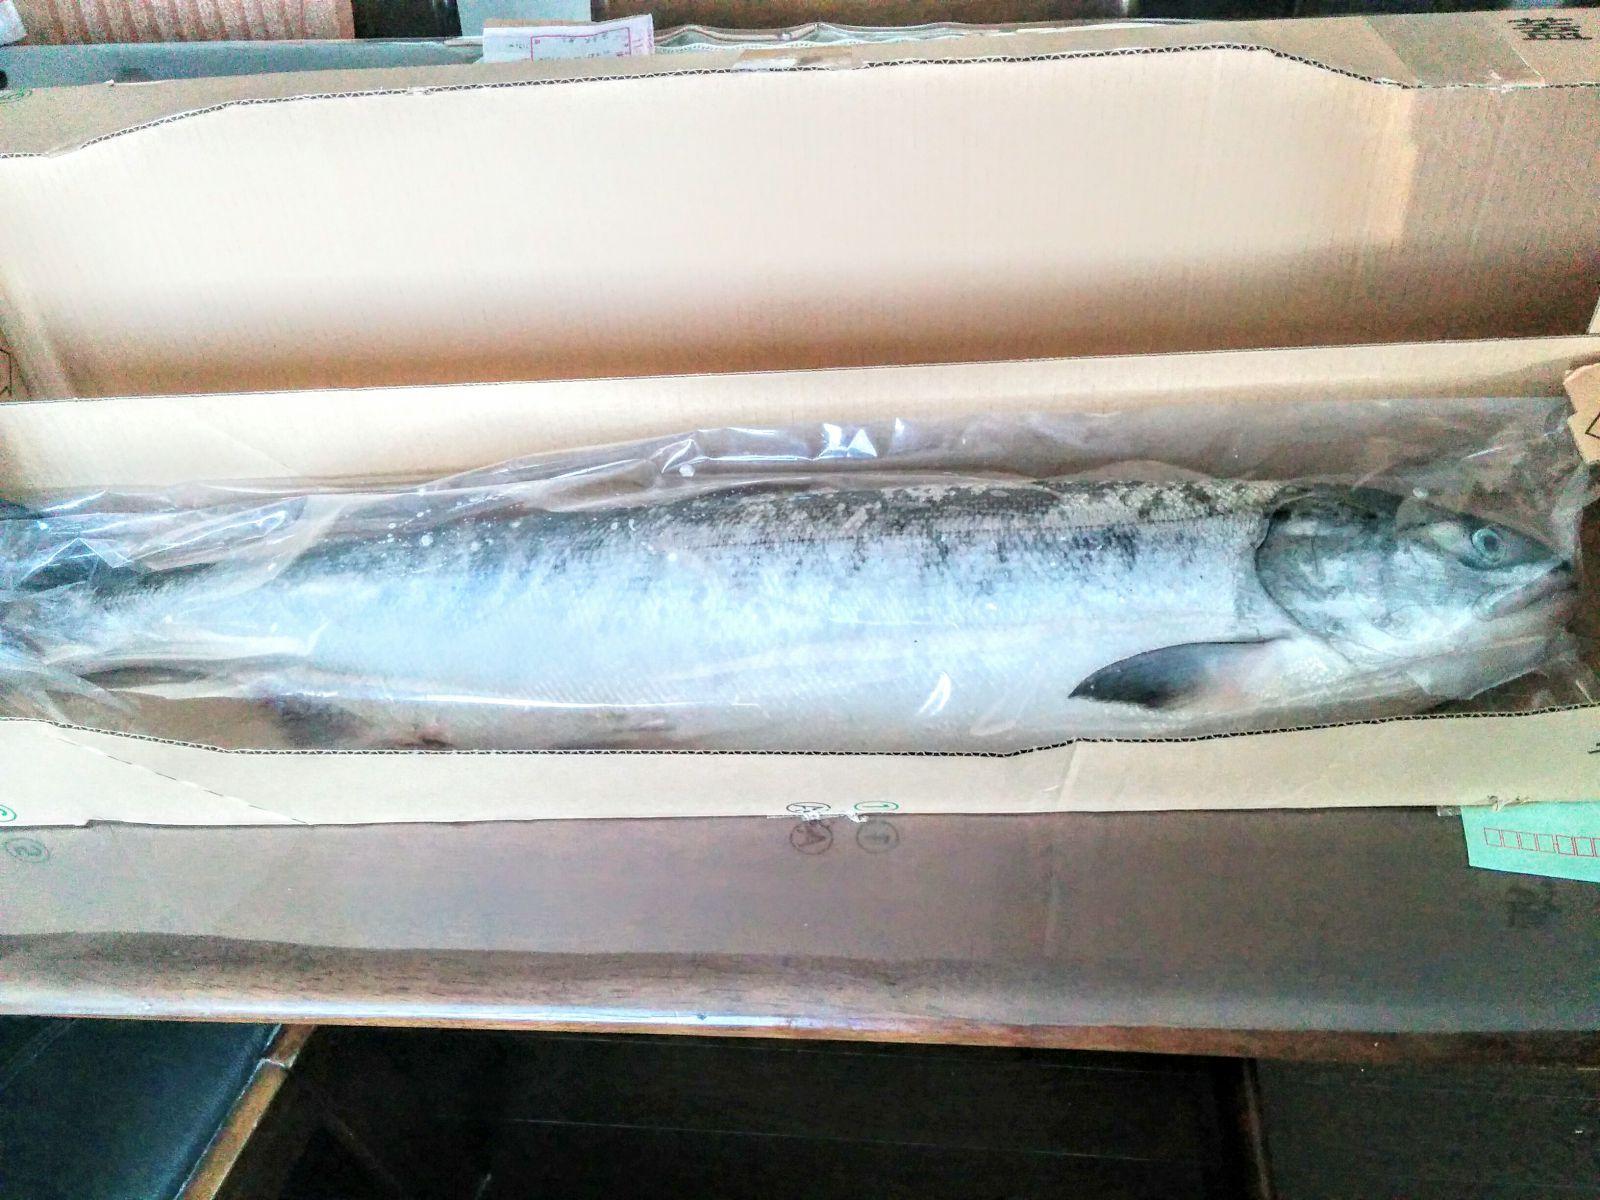 【メジカ鮭】北見枝幸の漁師の友人から嬉しい贈り物です。